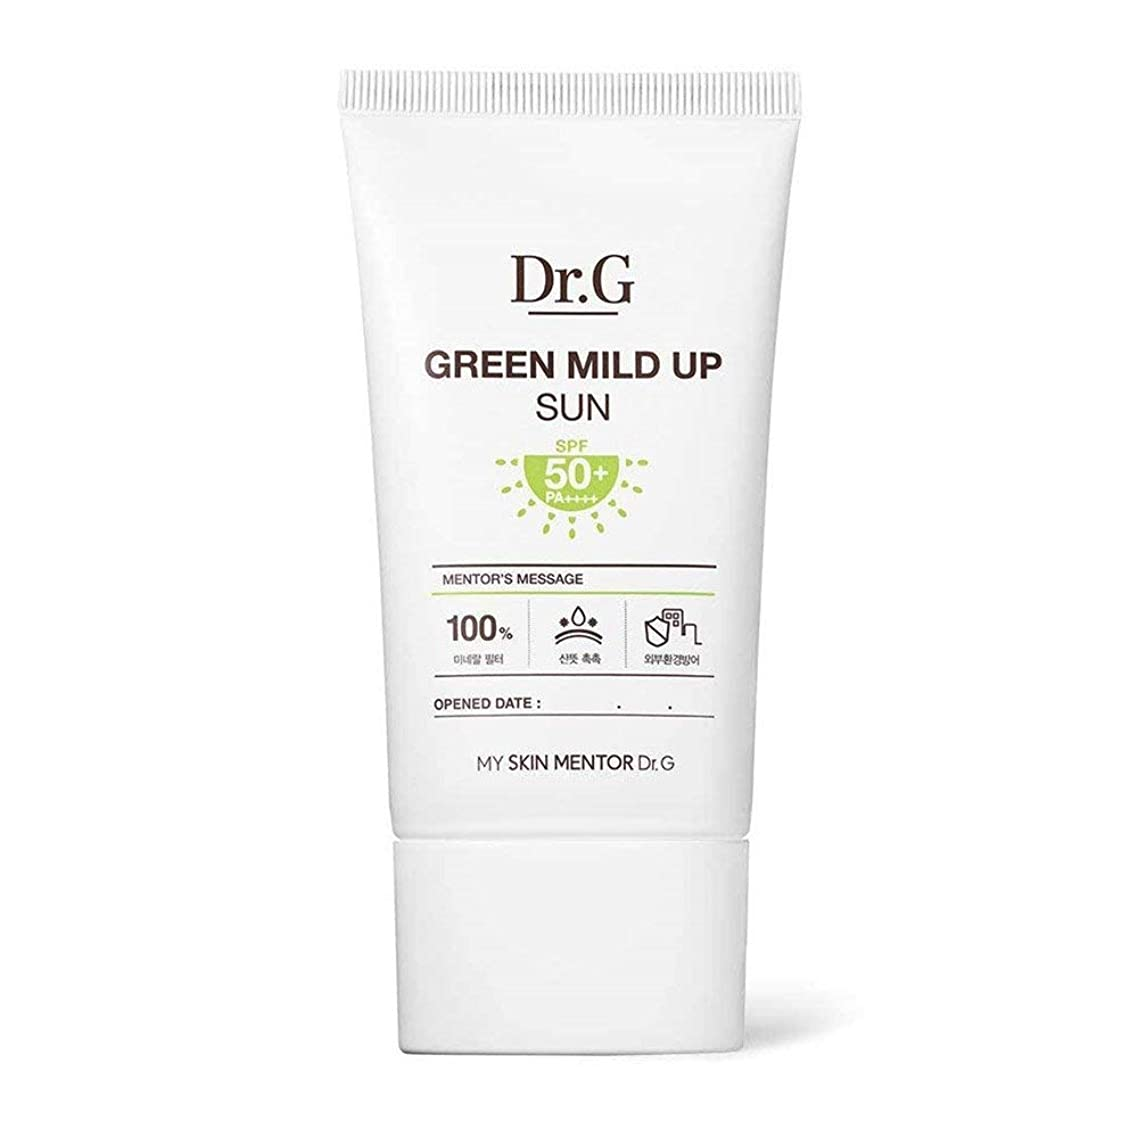 複製の頭の上キウイDr.G ダクトジ のグリーンマイルドアップサンクリーム Green Mild Up Sun (50ml) SPF50+ PA++++ [韓国日焼け止め] DR G DRG